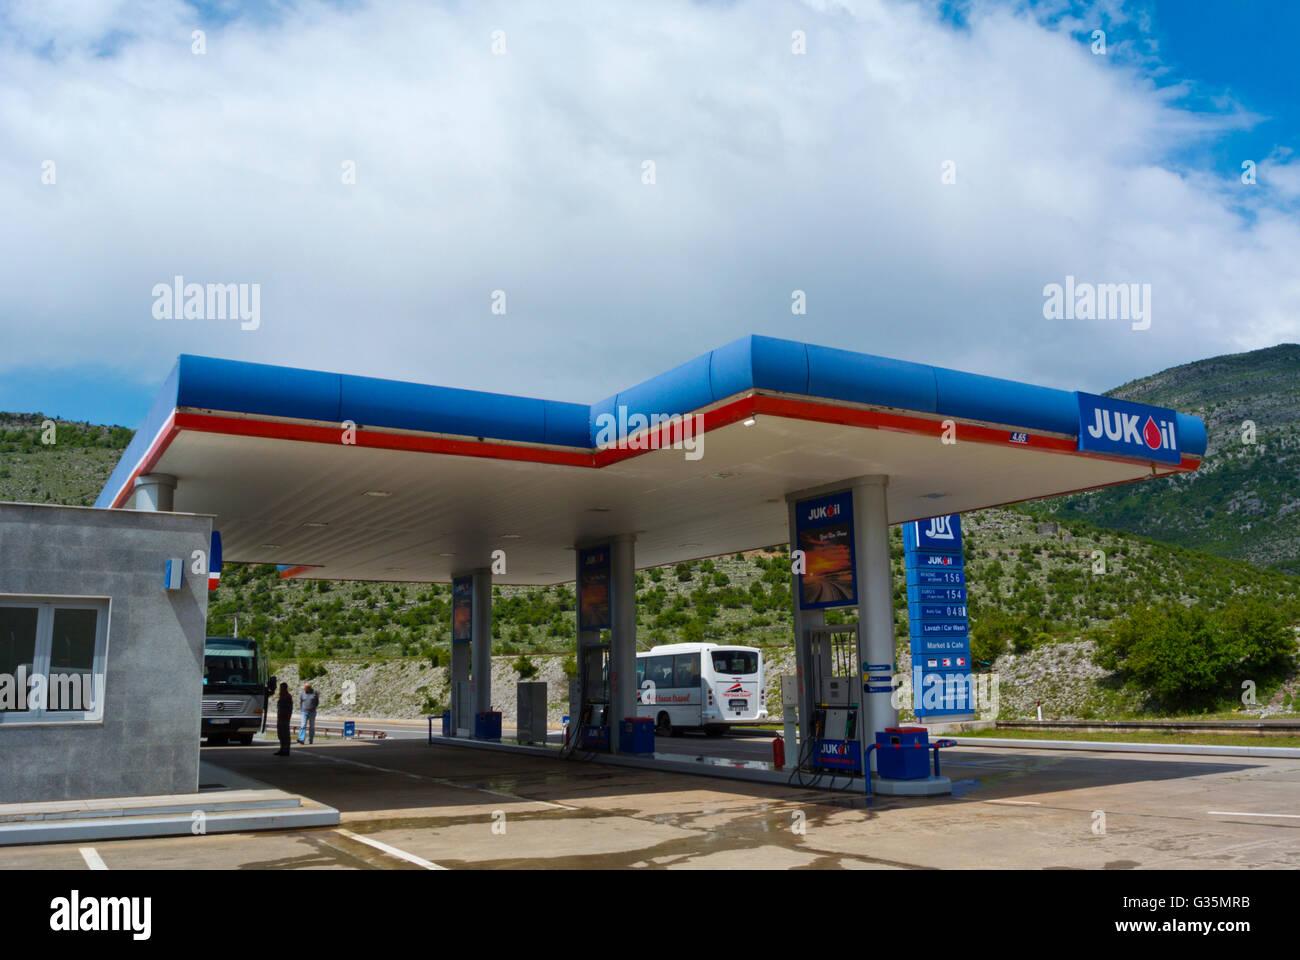 Jukoil, Service-Gas-Tankstelle, Hani ich Hotit Region, in der Nähe von montenegrinische Grenze, Albanien Stockbild